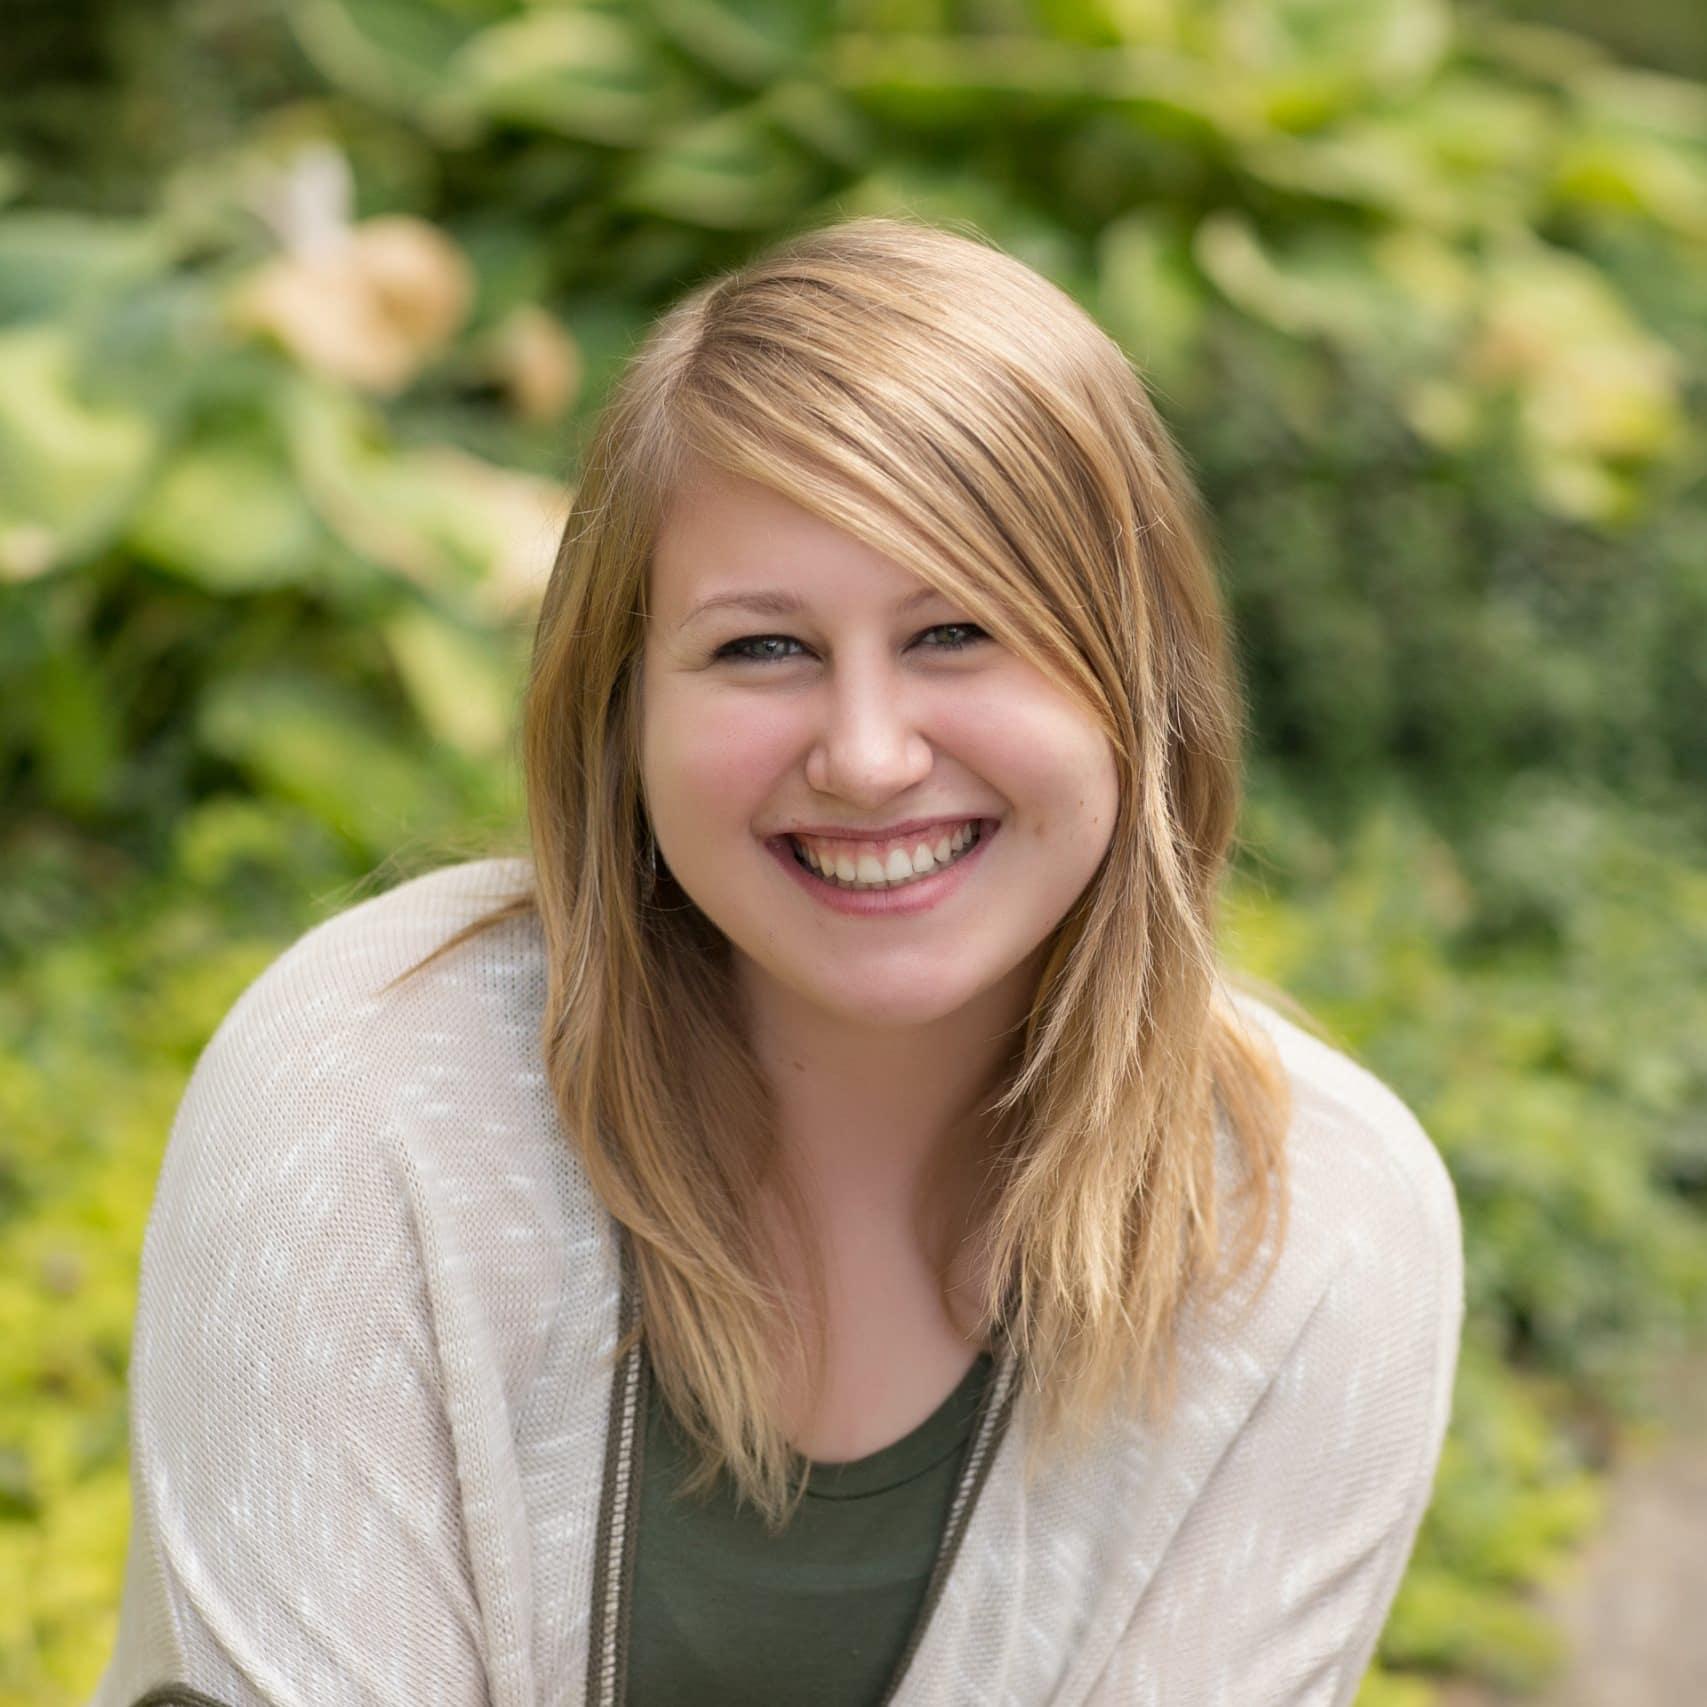 Melody Durrett